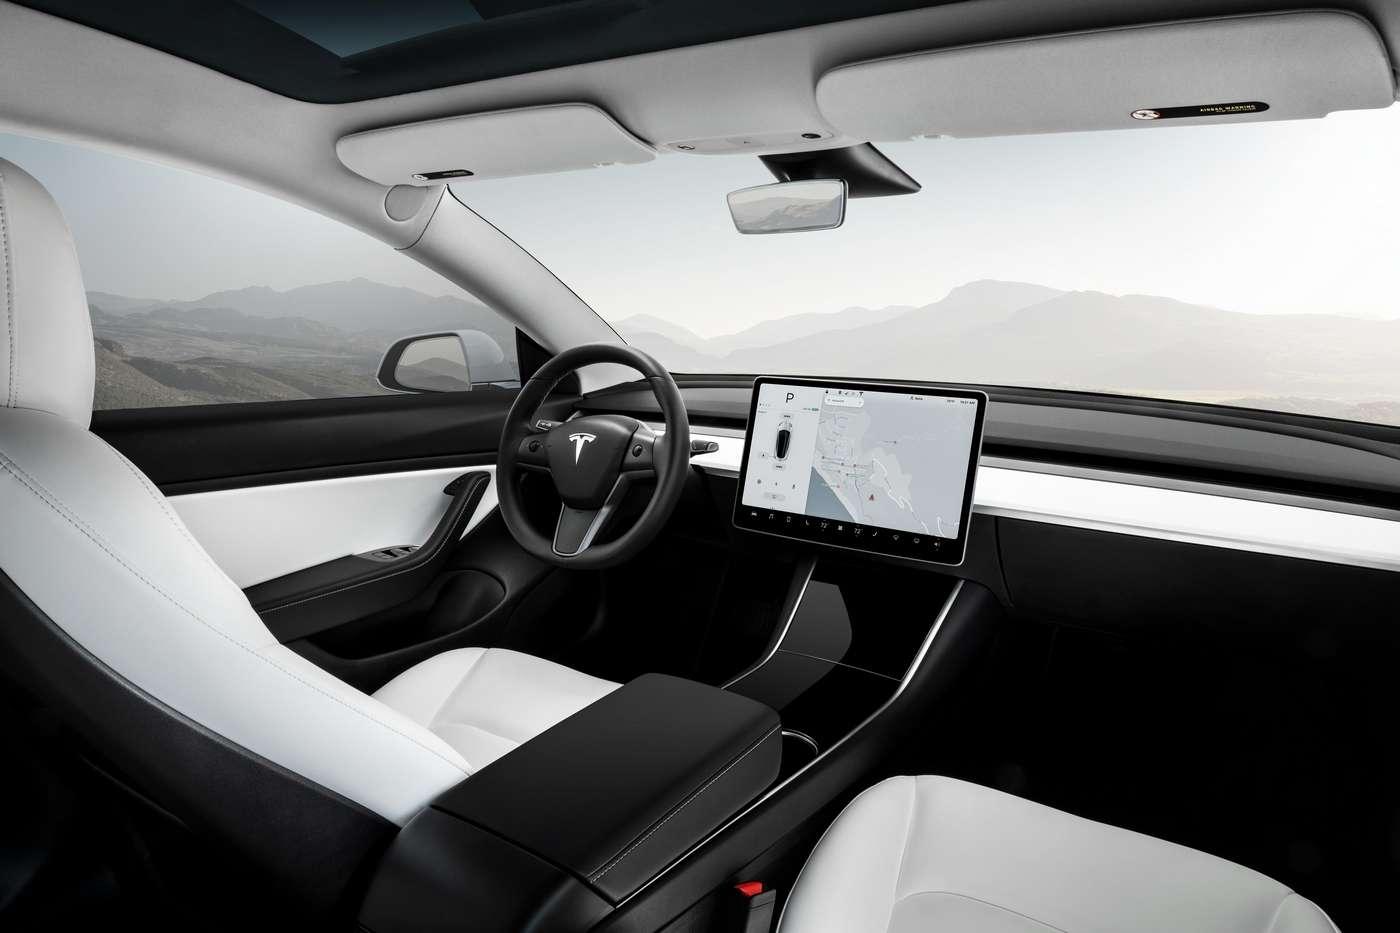 La Tesla Model 3 est équipée d'origine d'une caméra intégrée au rétroviseur intérieur. © Tesla